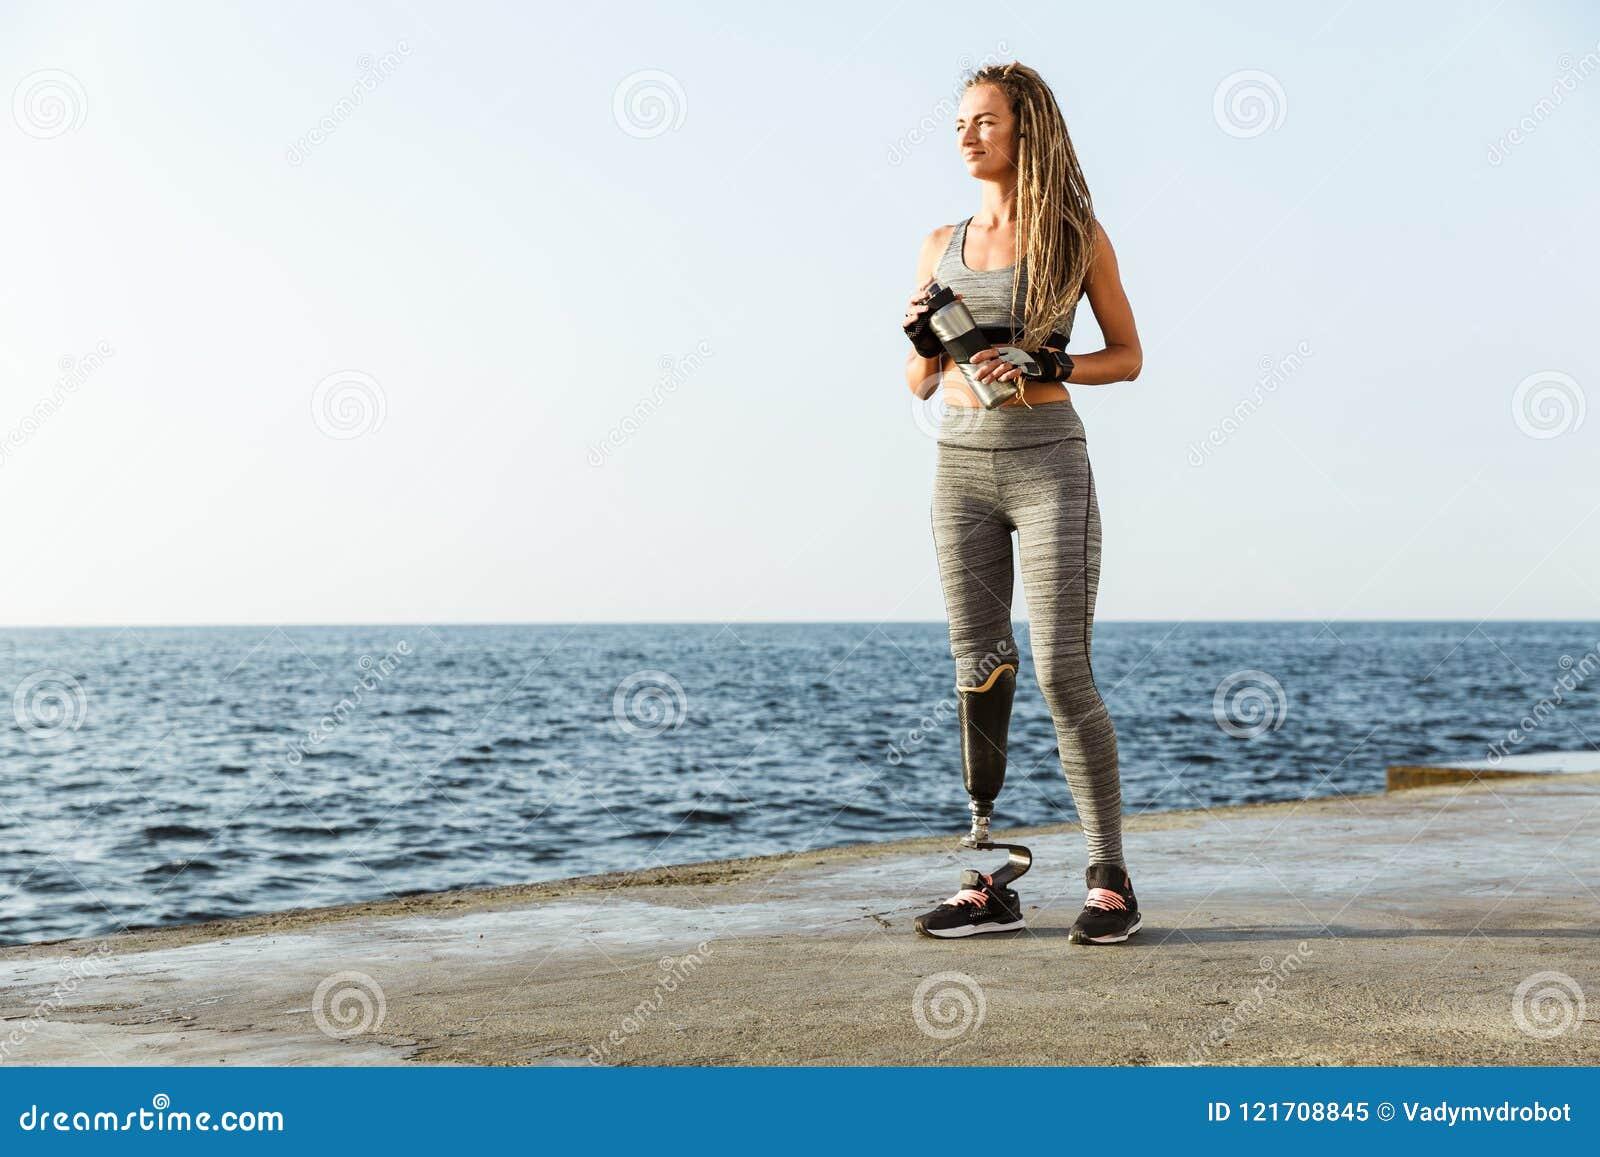 Πλήρες μήκος της χαμογελώντας με ειδικές ανάγκες γυναίκας αθλητών